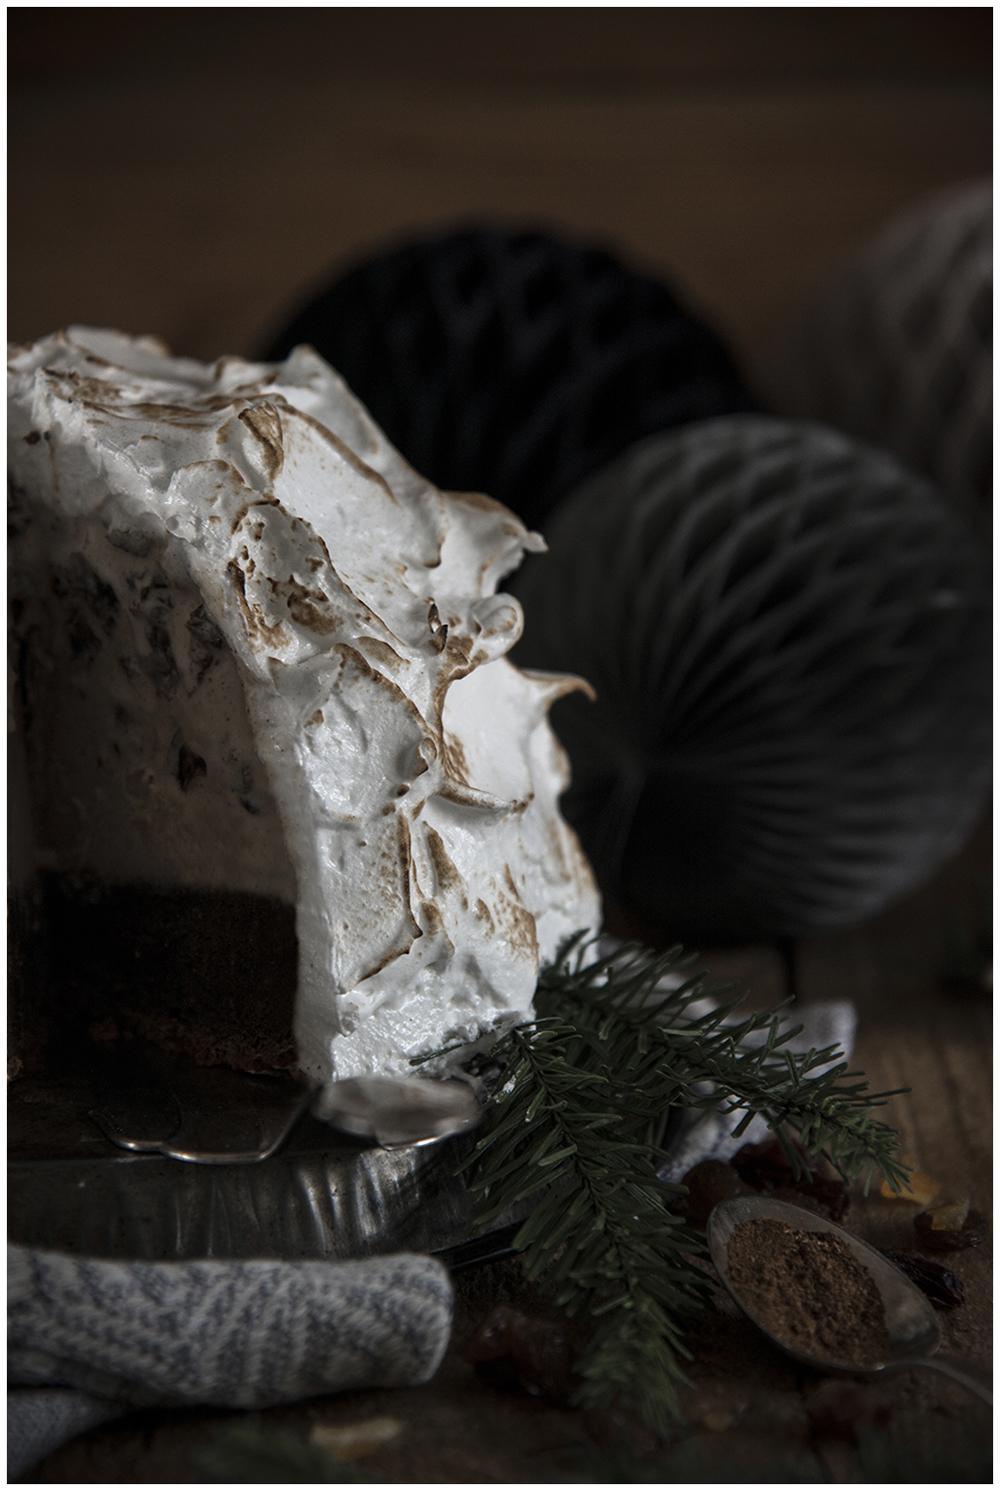 Christmas Baked Alaska